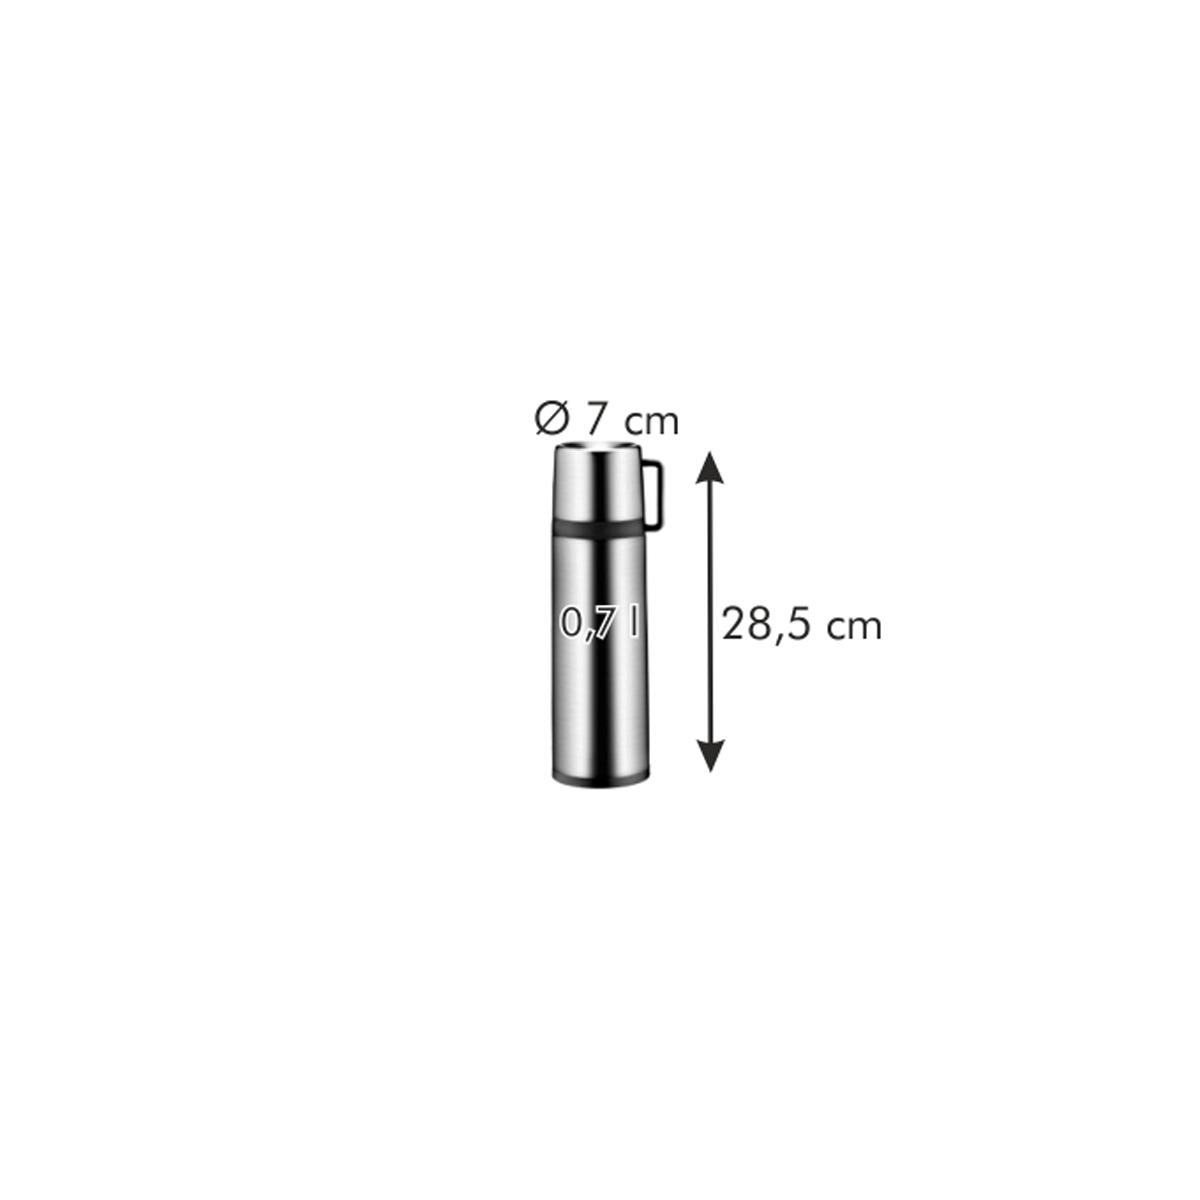 Termoska s hrníčkem CONSTANT 0,7 l, nerez